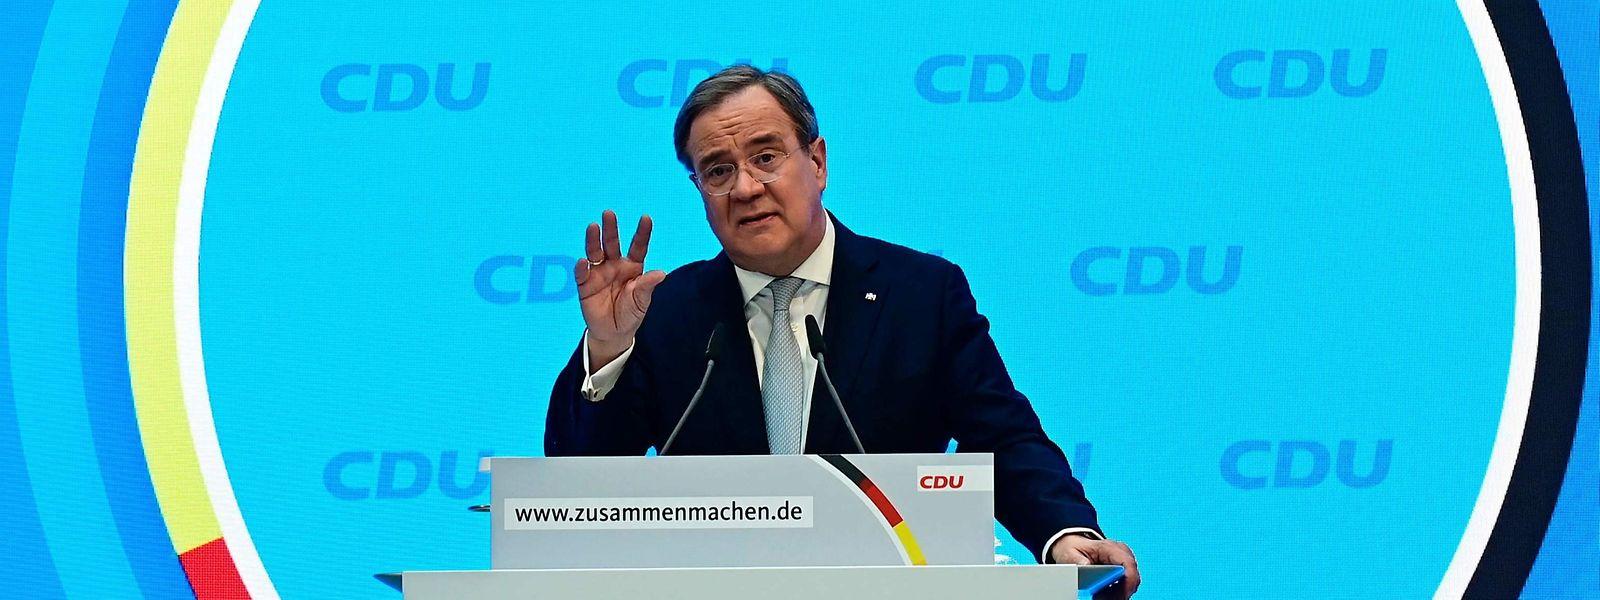 CDU-Chef Armin Laschet muss die Kanzlerkandidatenfrage bald klären.